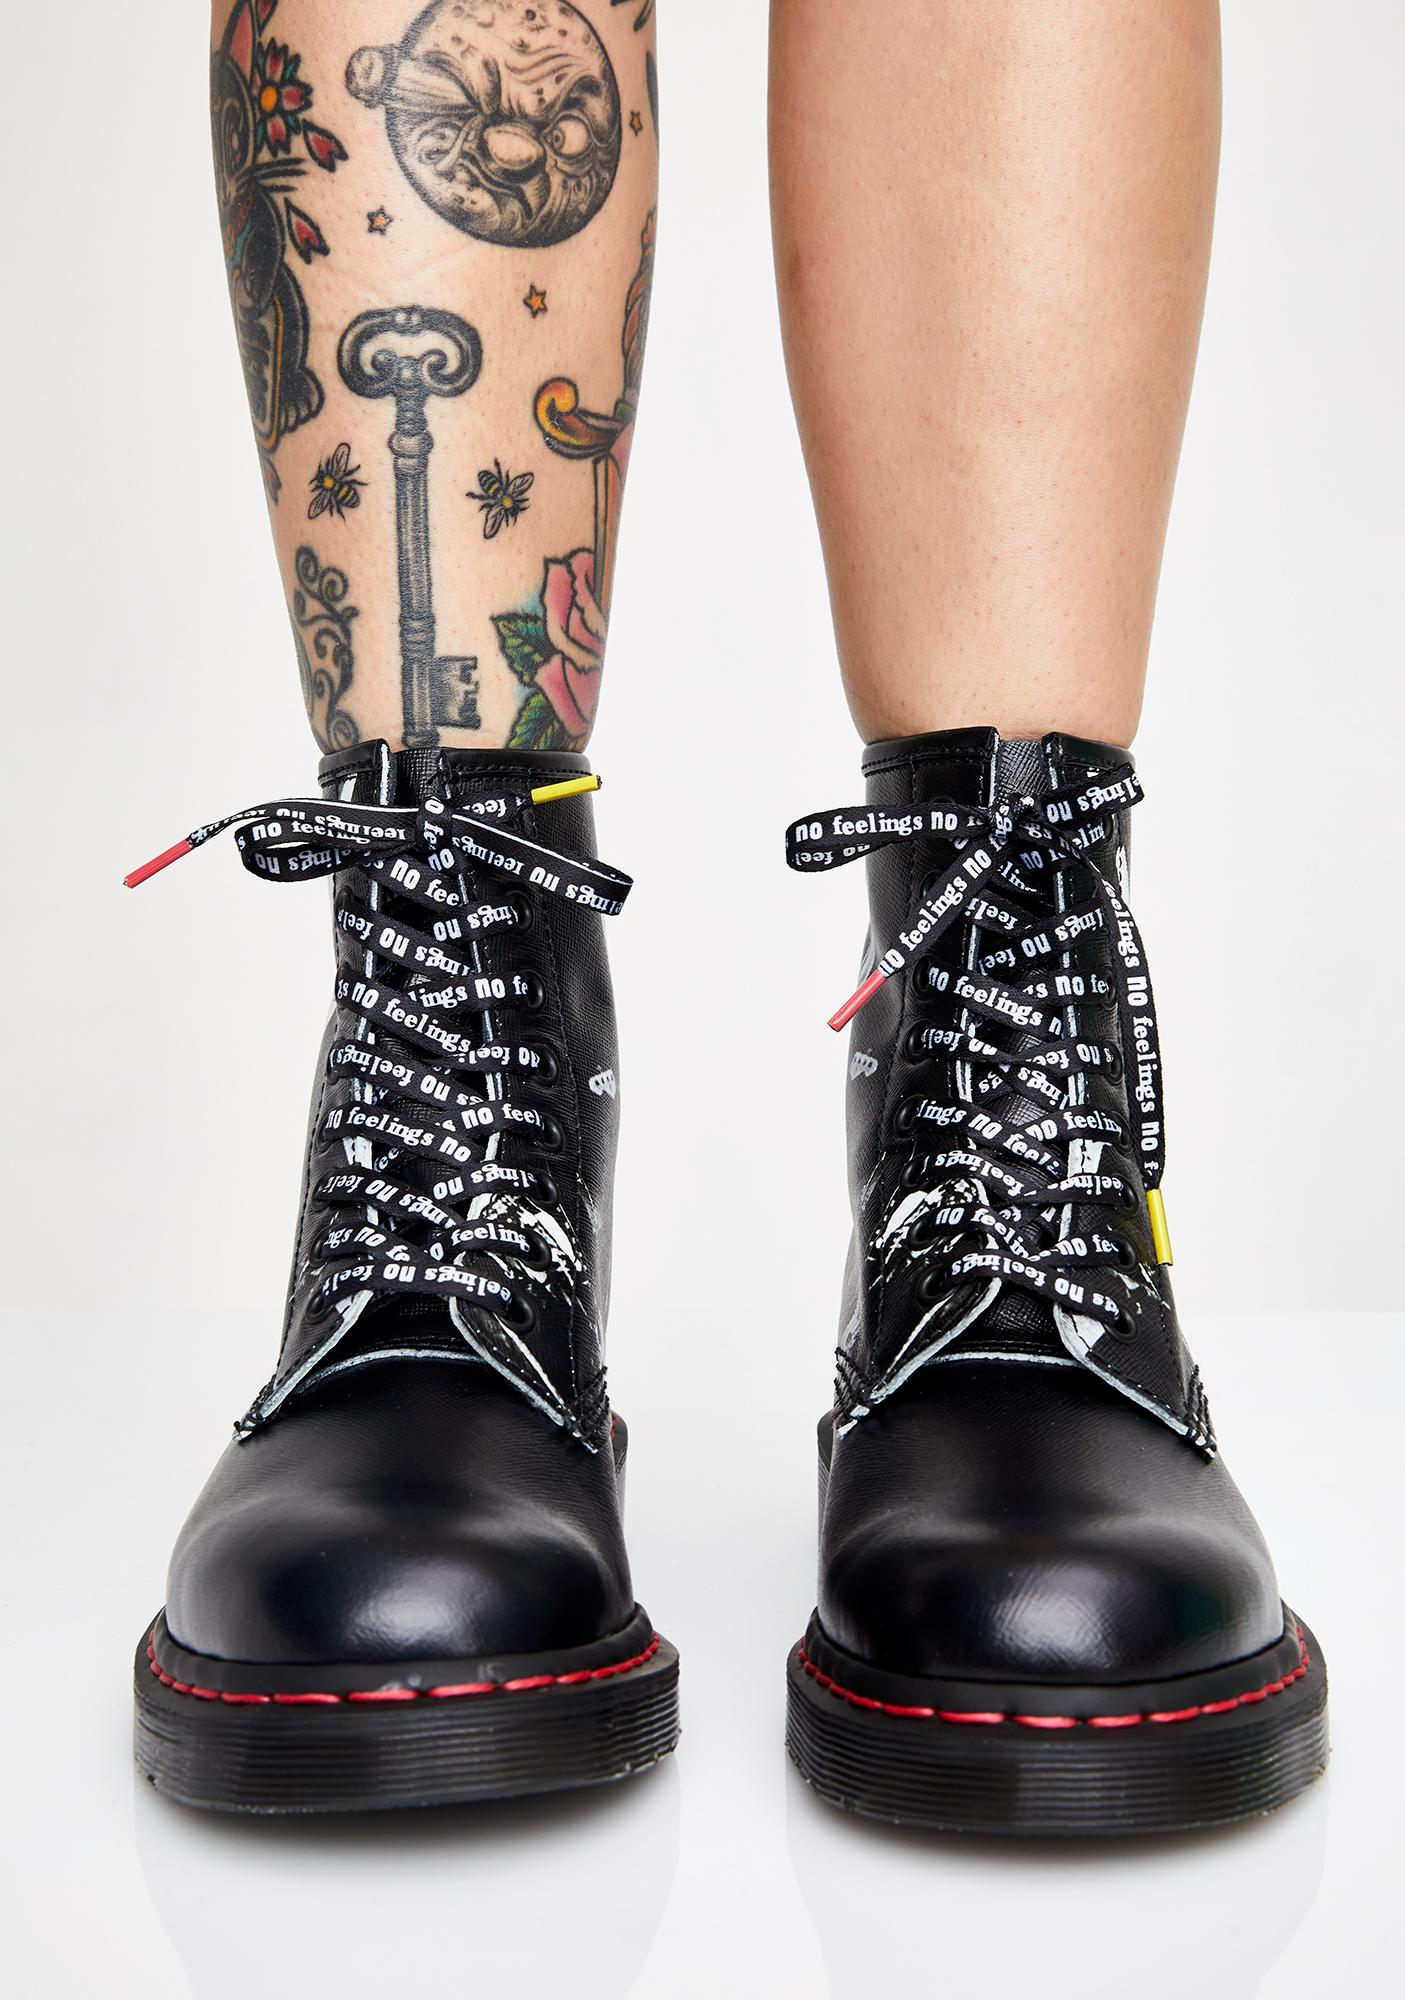 Dr. Martens 1460 Sex Pistols Vicious Boots